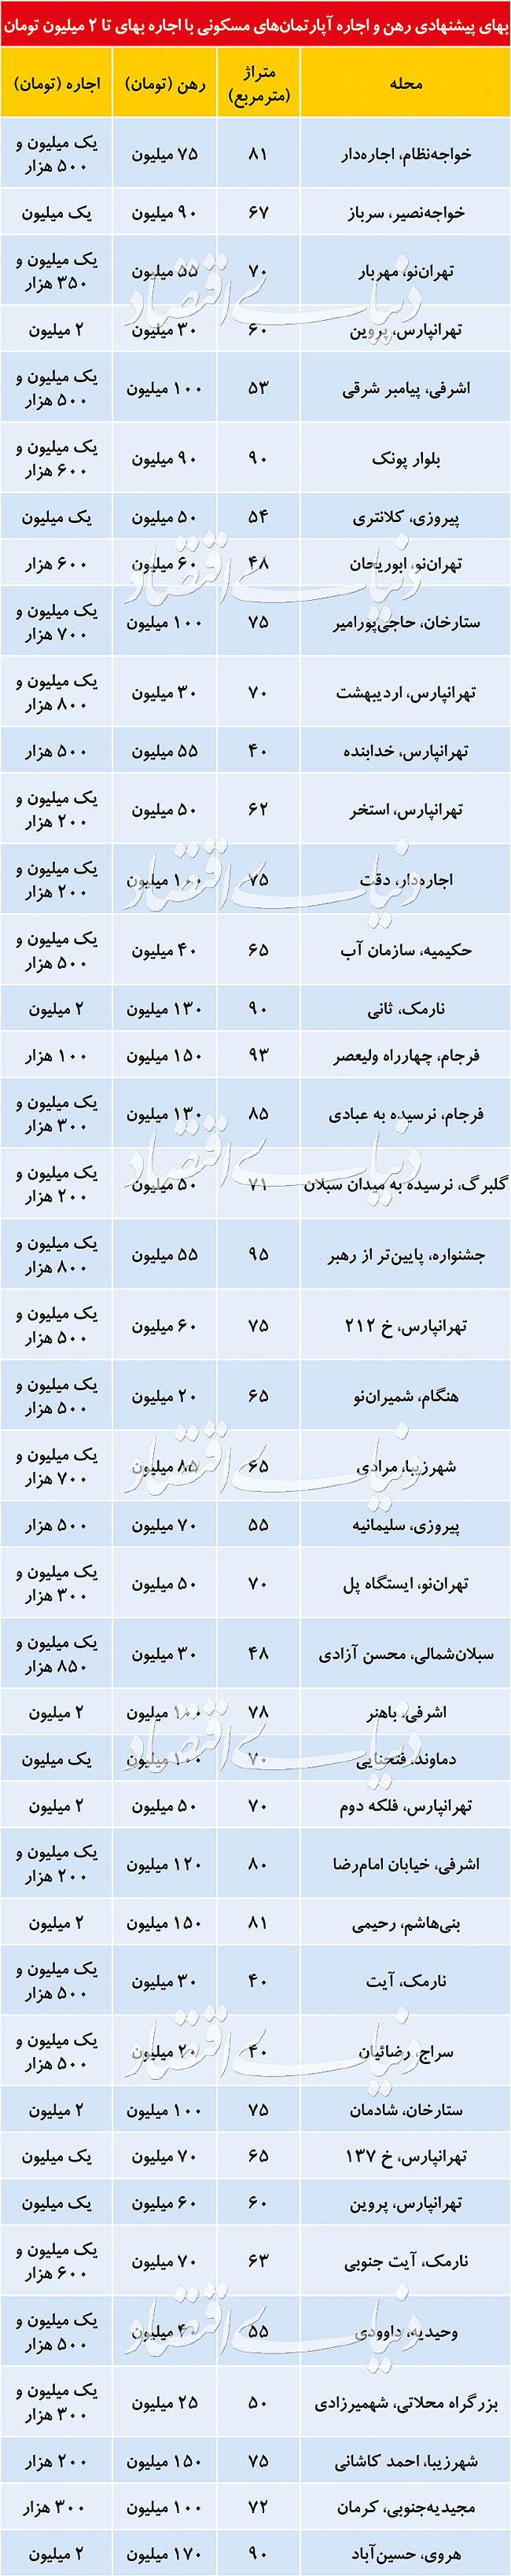 در کدام ماطق تهران اجارهبهای تا ۲ میلیون تومان متداول است؟